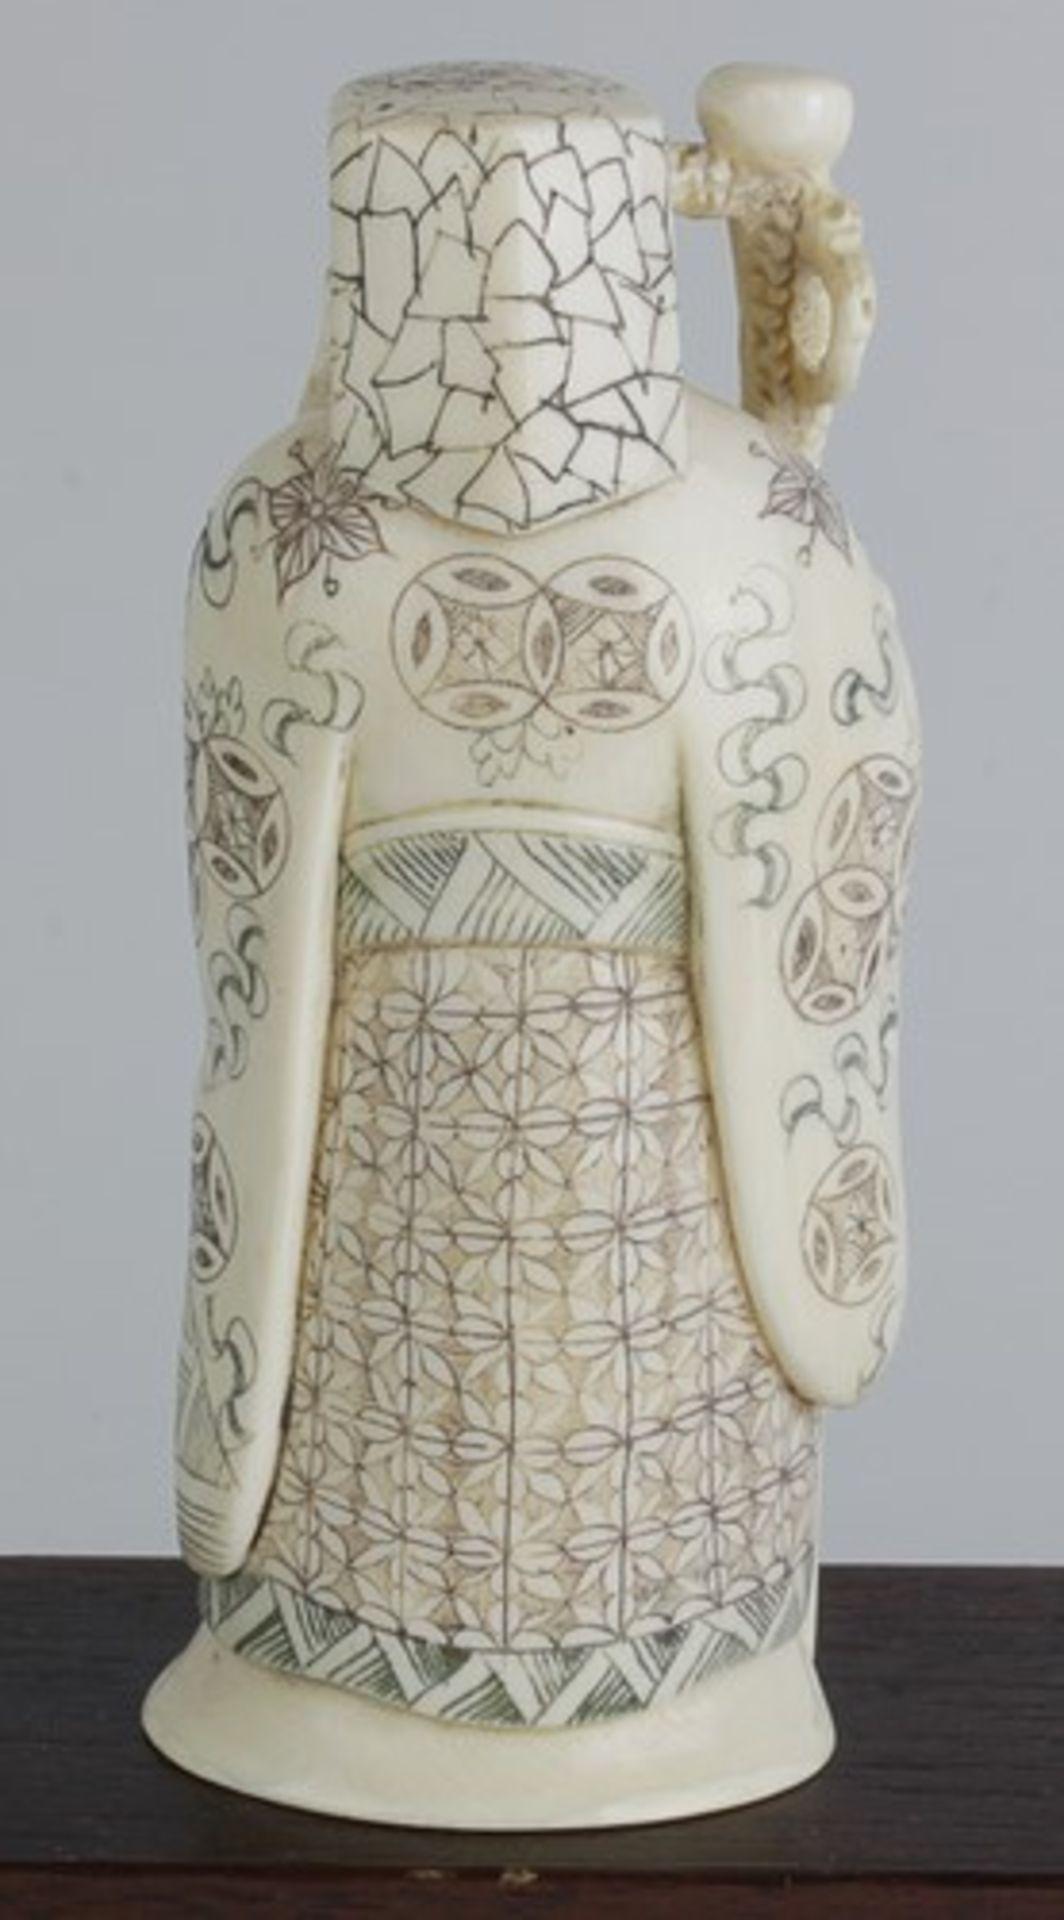 Figurengruppe - Chinaum 1920, 7x vollplastische Elfenbein-Schnitzereien, partiell geschwärzt, - Bild 21 aus 24